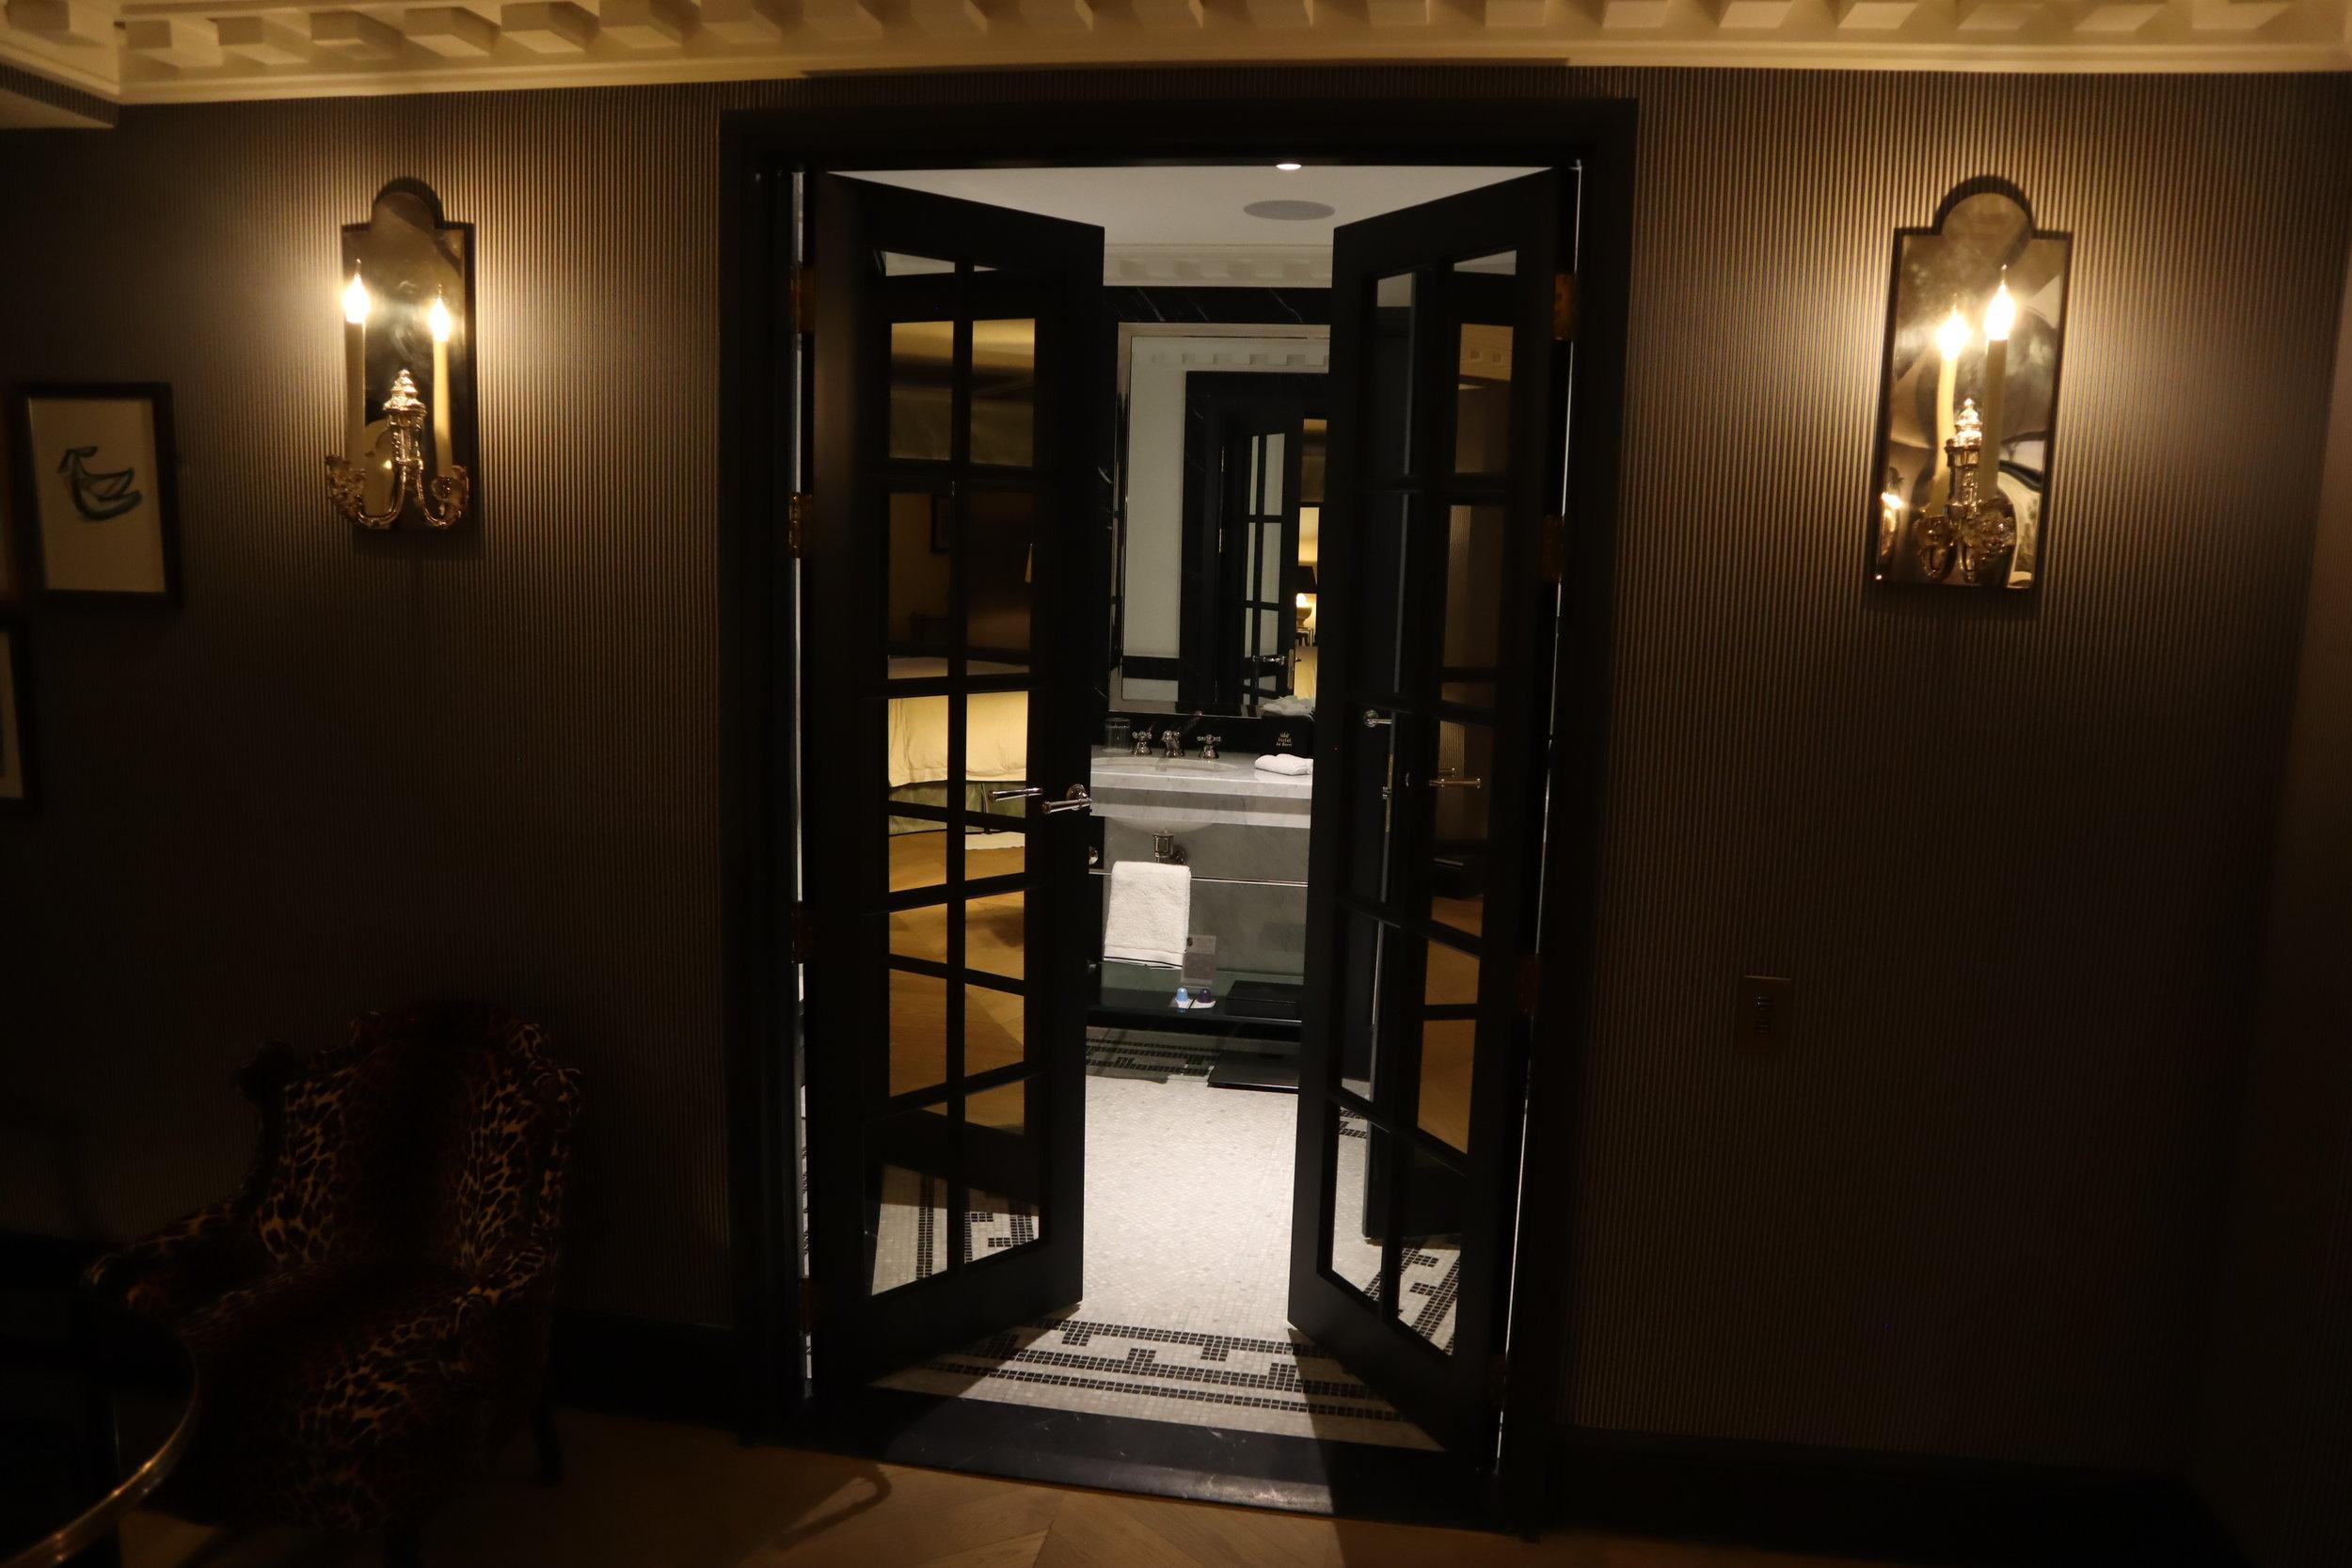 Hôtel de Berri Paris – Berri Suite bathroom door